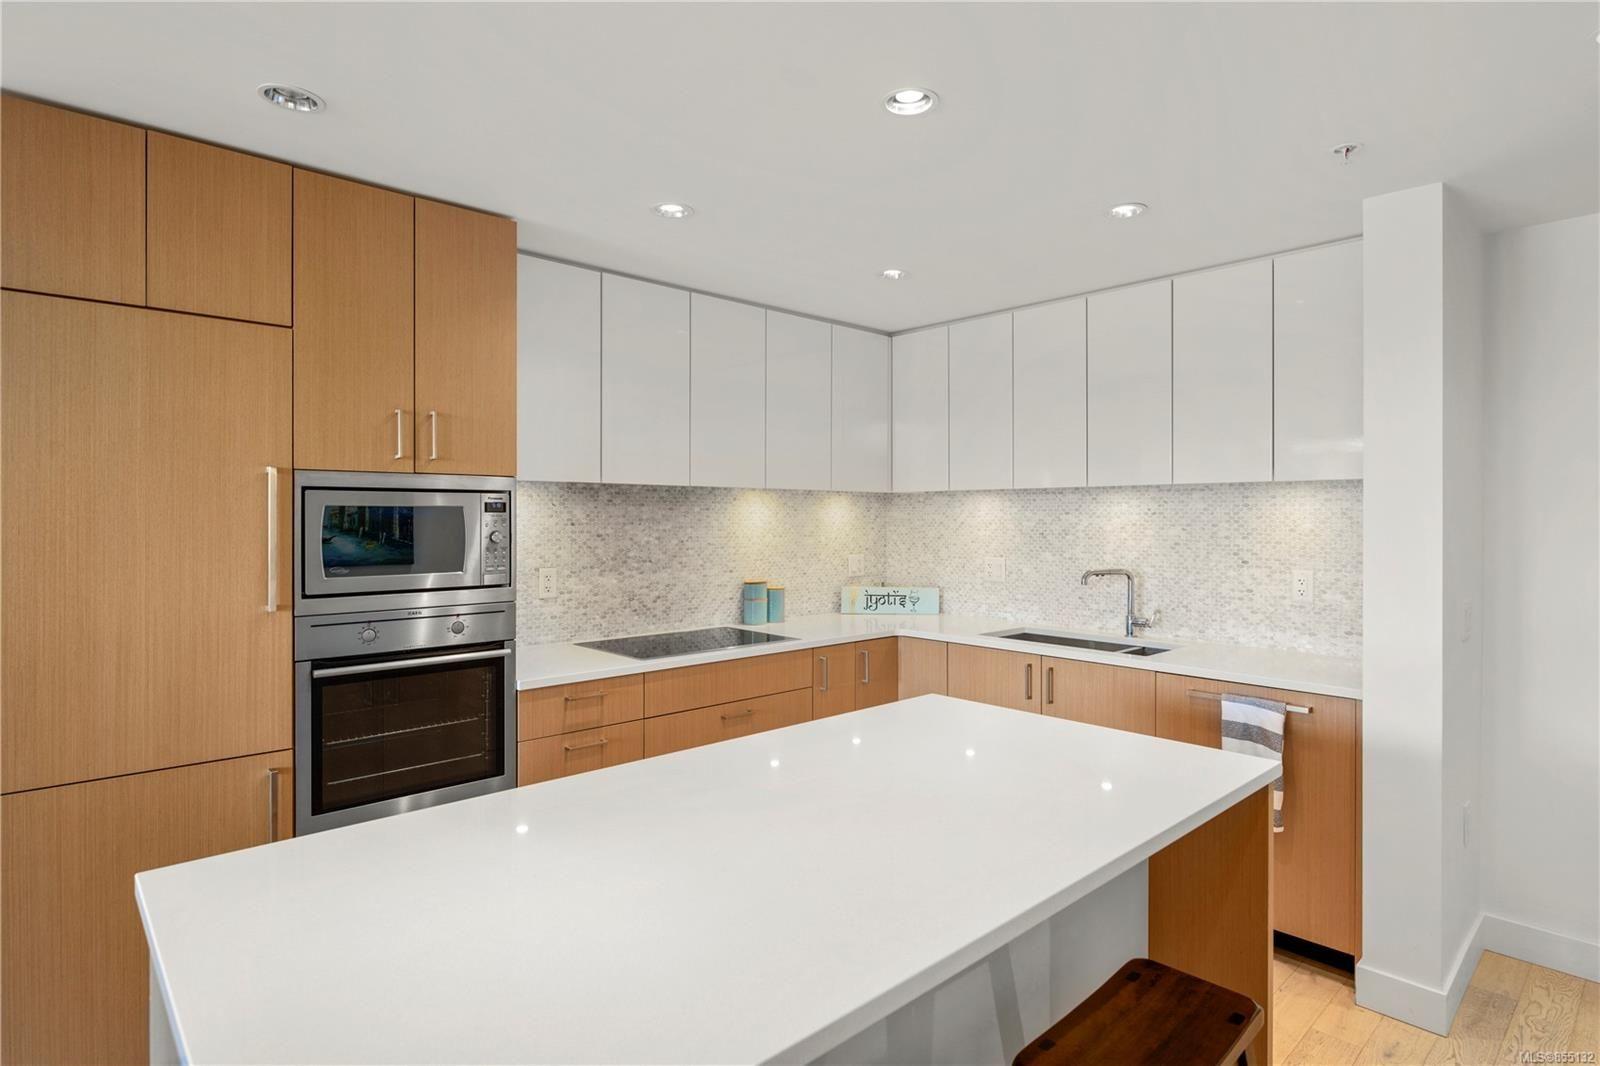 Main Photo: 406 838 Broughton St in : Vi Downtown Condo for sale (Victoria)  : MLS®# 855132